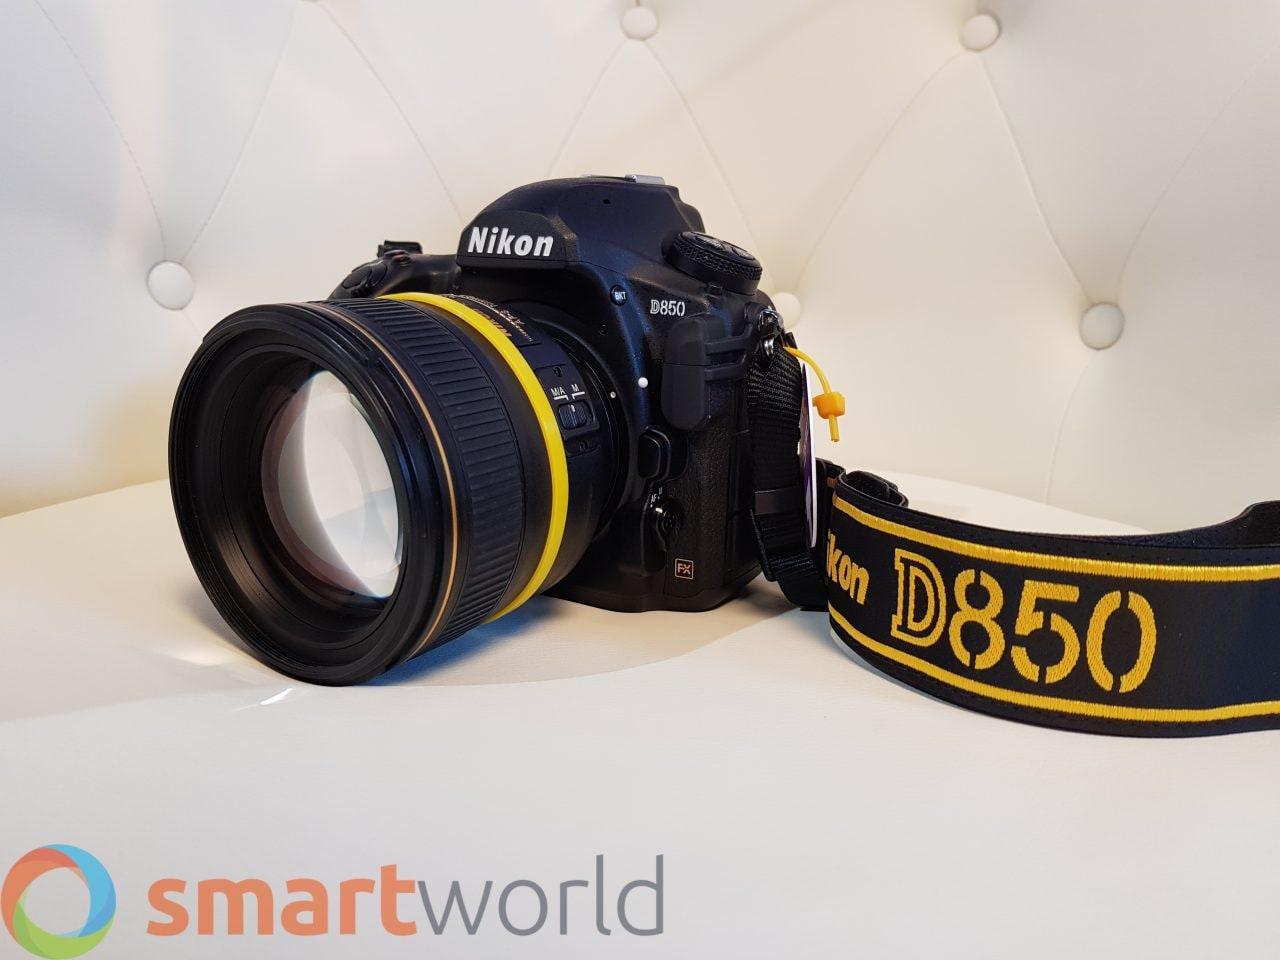 Abbiamo provato la Nikon D850: ecco cosa ne pensiamo! (foto e video)